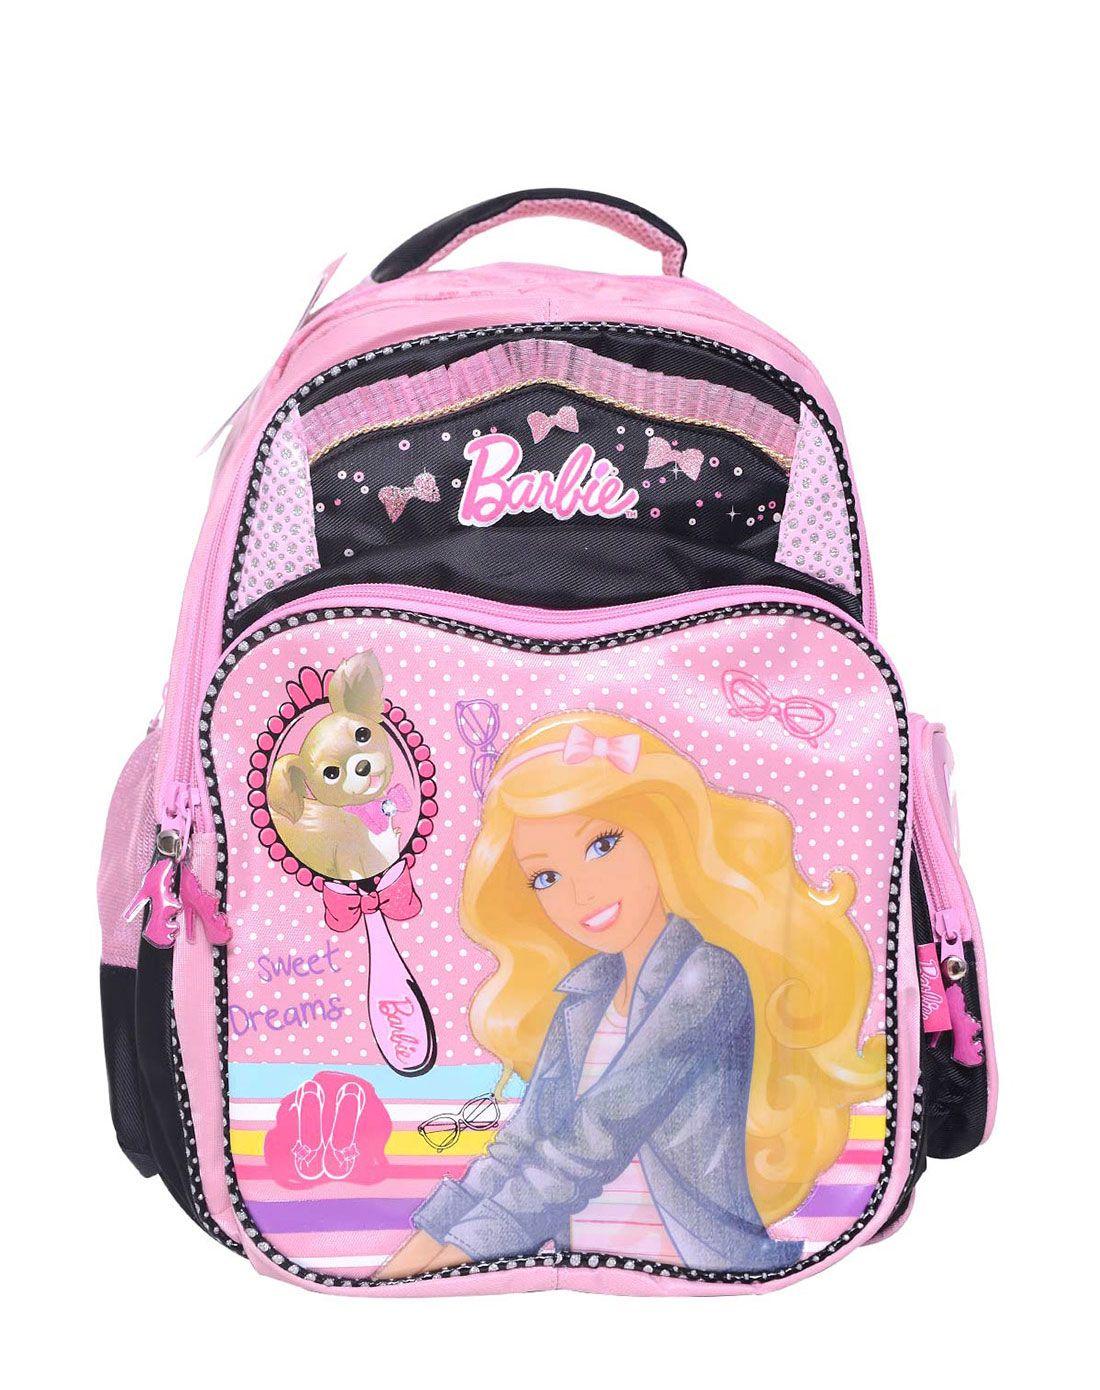 小公主开学必买文具书包专场芭比卡通书包(大)bbsg-2